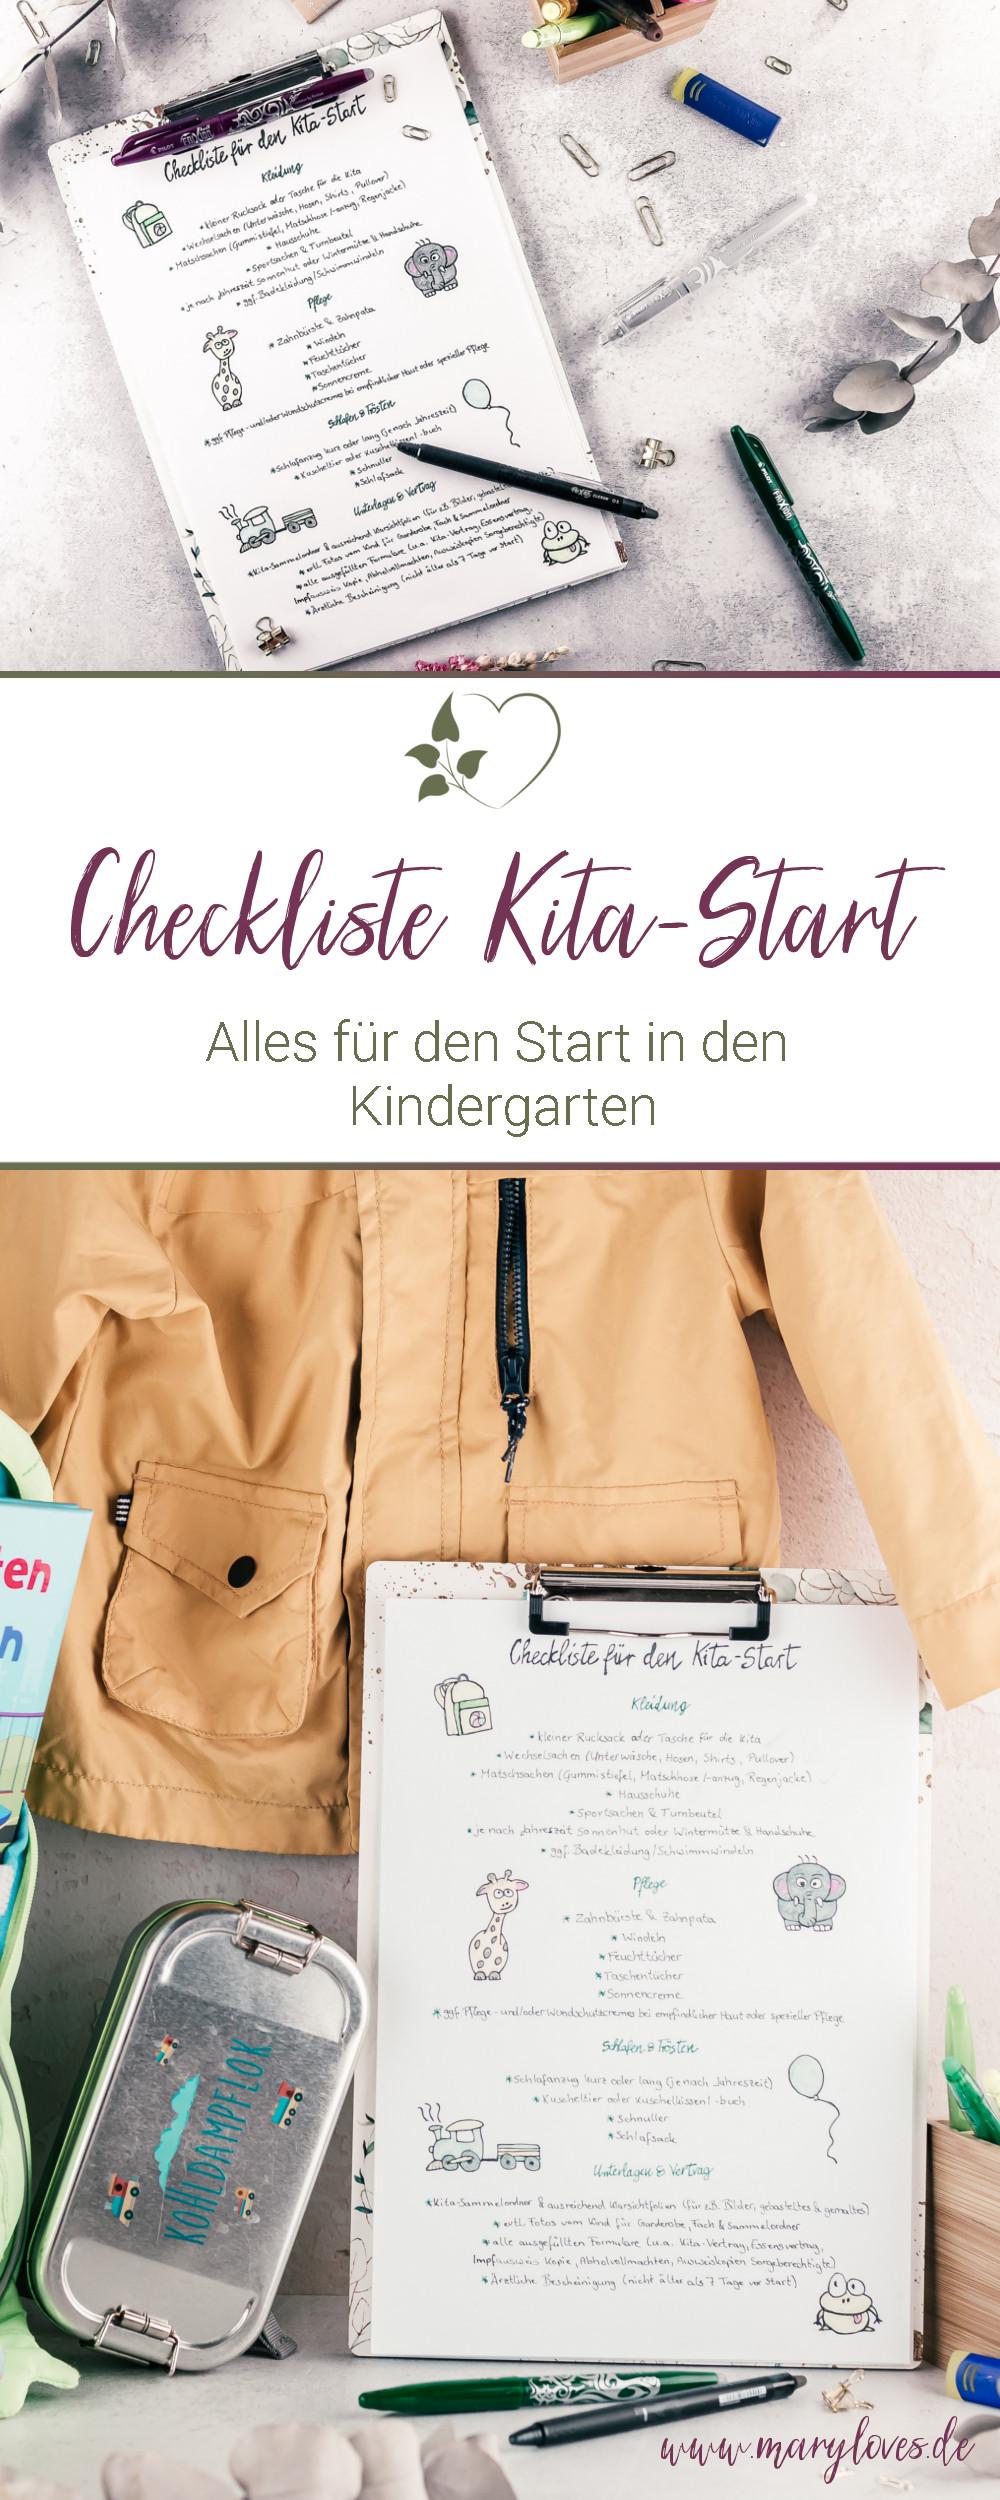 [Anzeige] Checkliste Kita-Start - Alles für den Start in den Kindergarten - #kitastart #checklistekita #kindergarten #kitakind